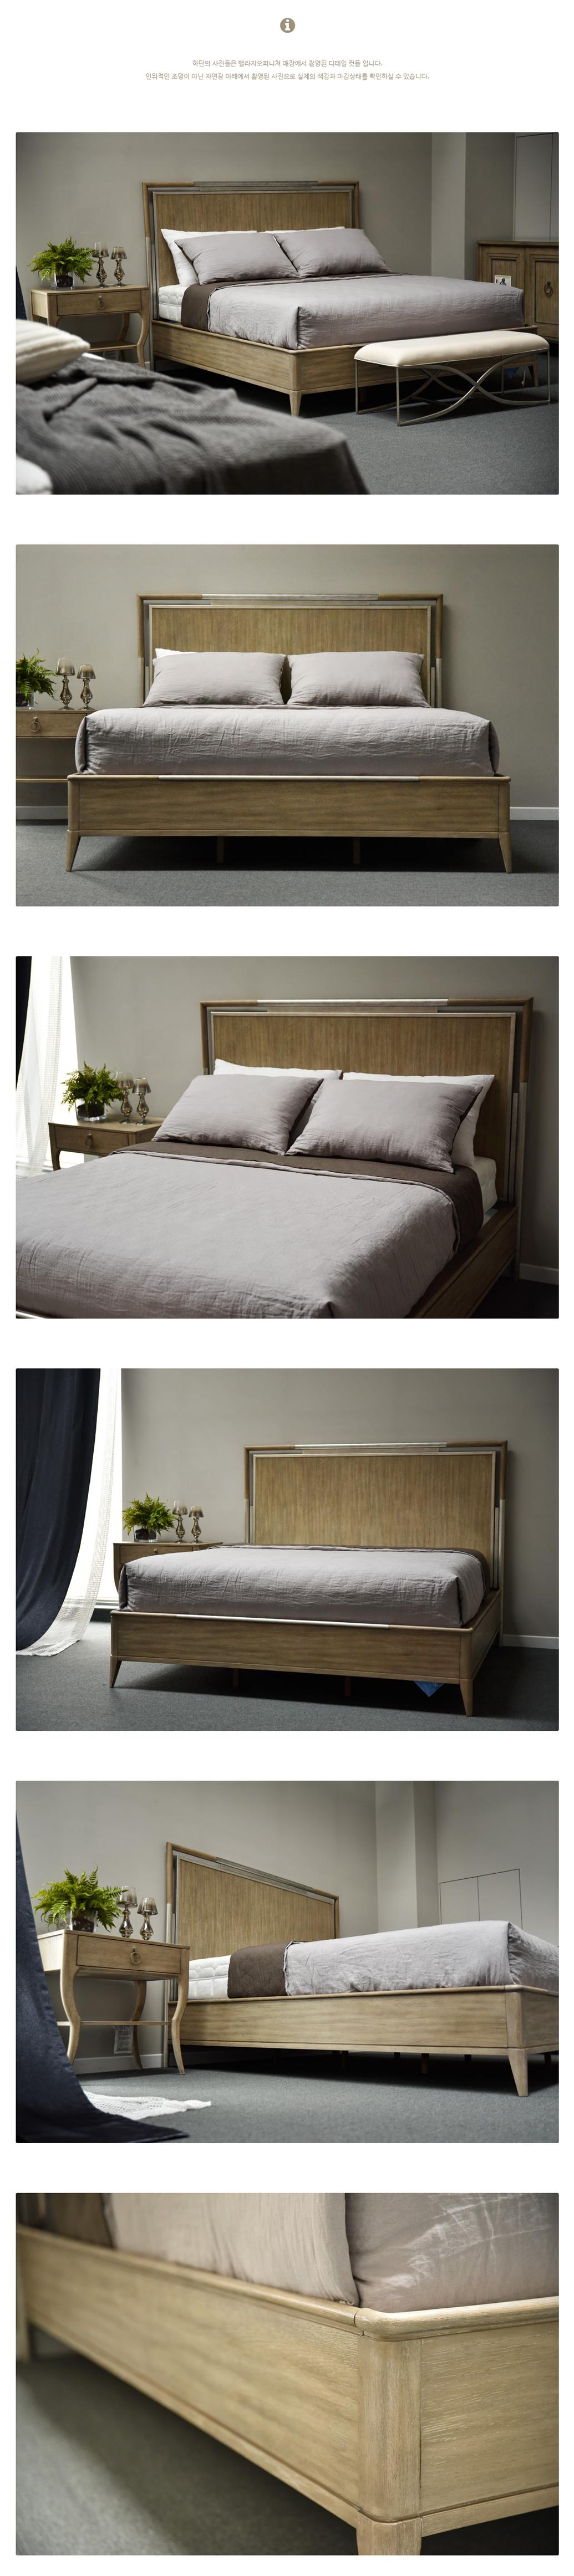 50380_sophie_bedroomset_06.jpg